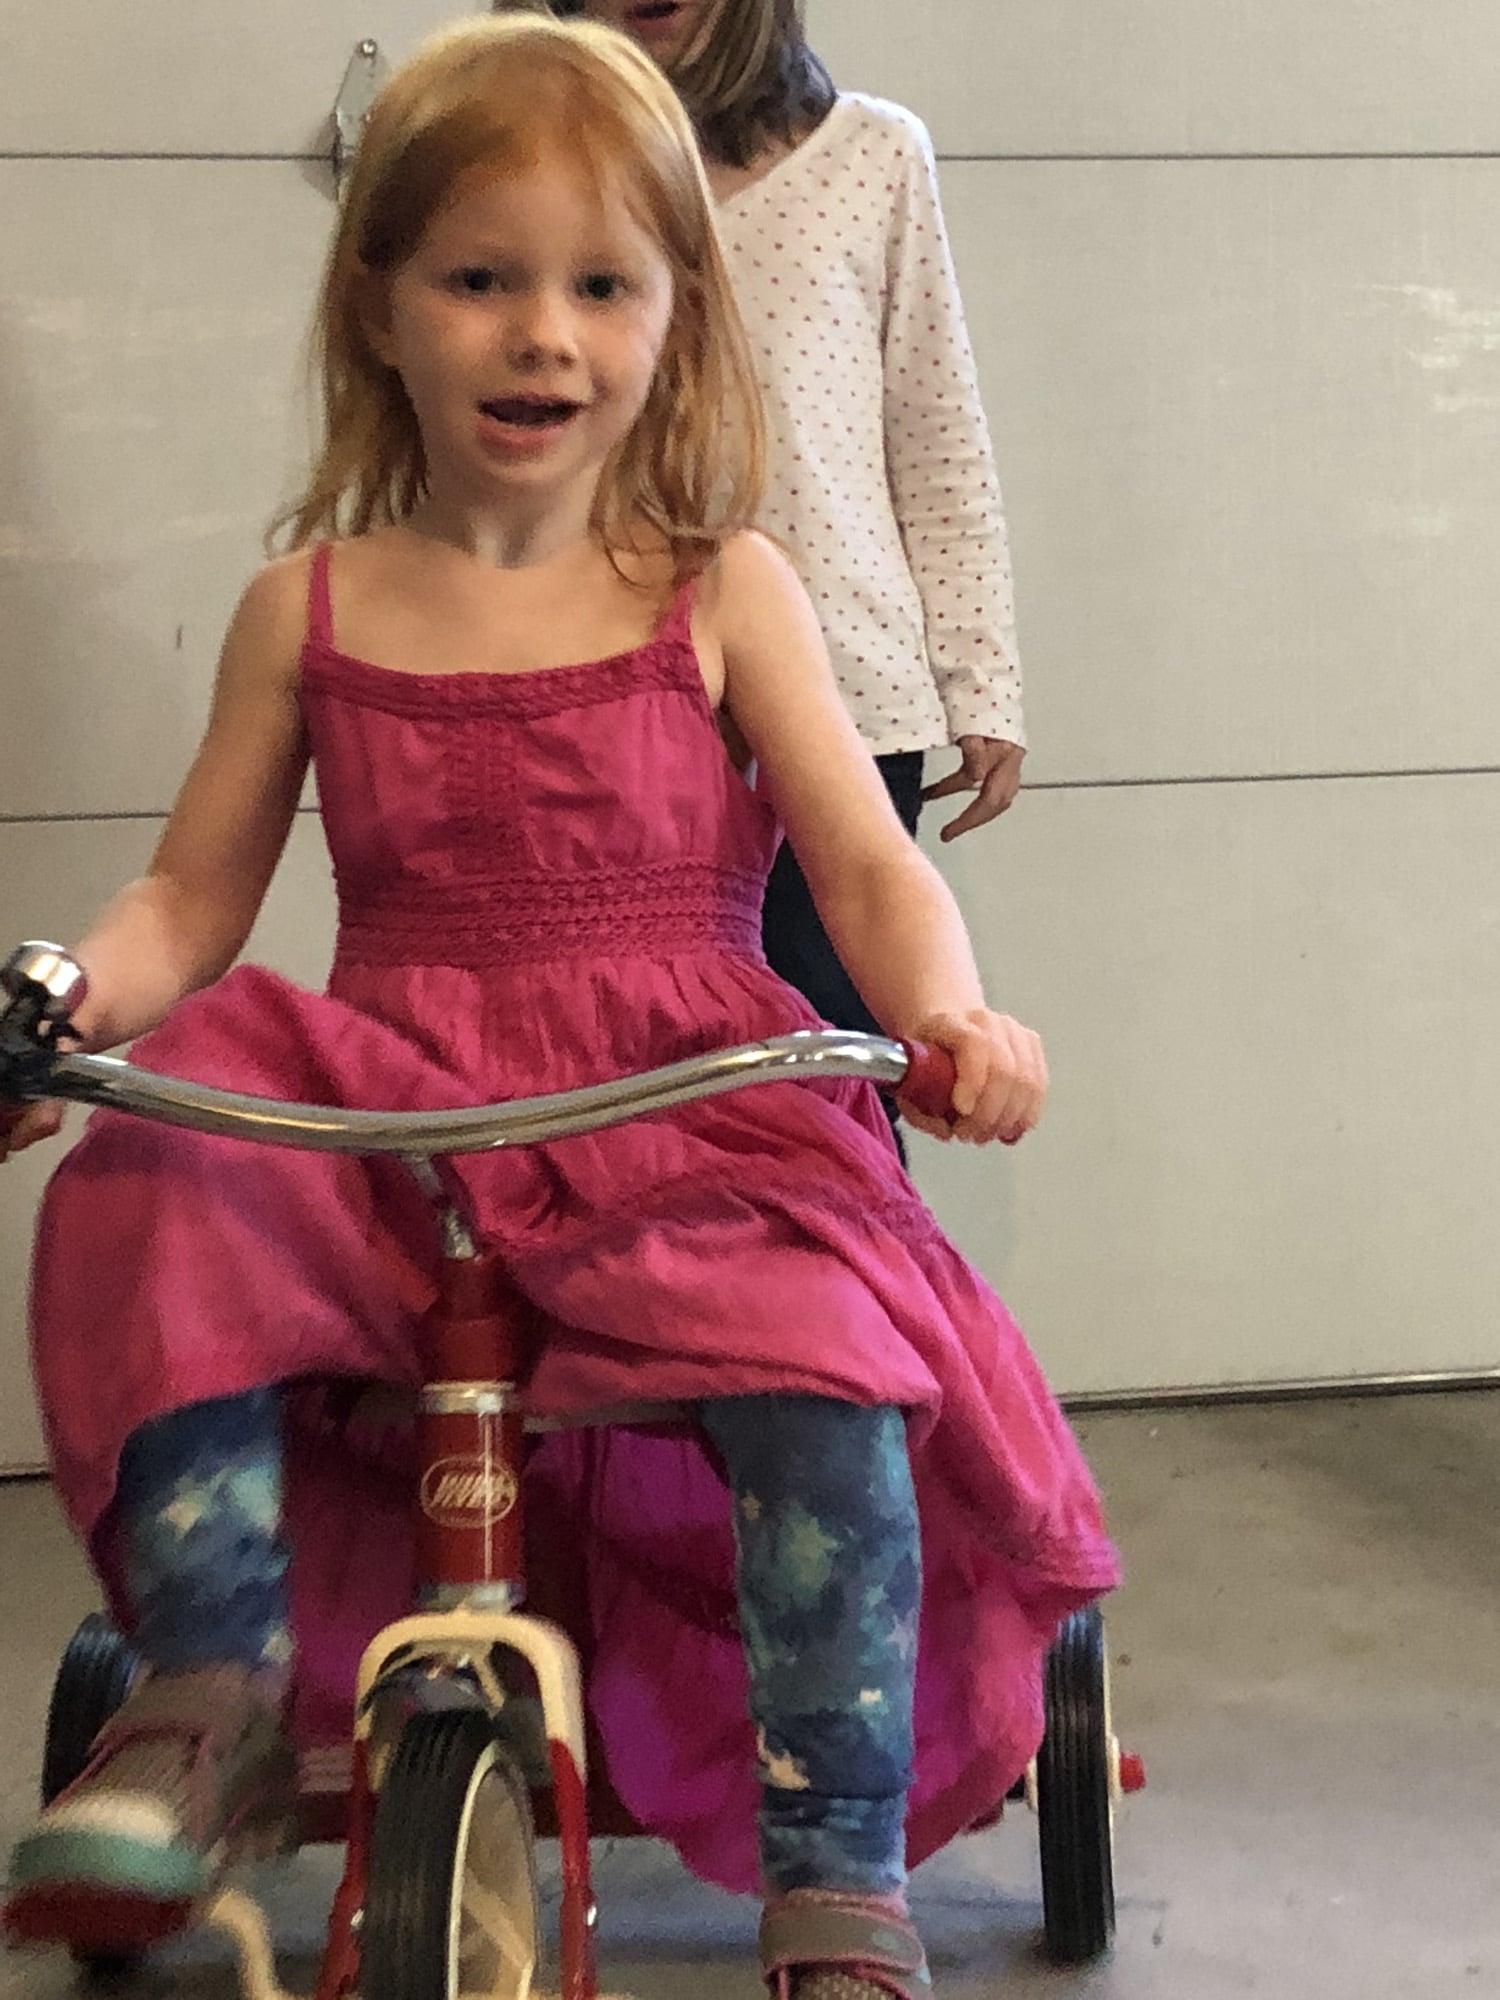 tricycle super mario party